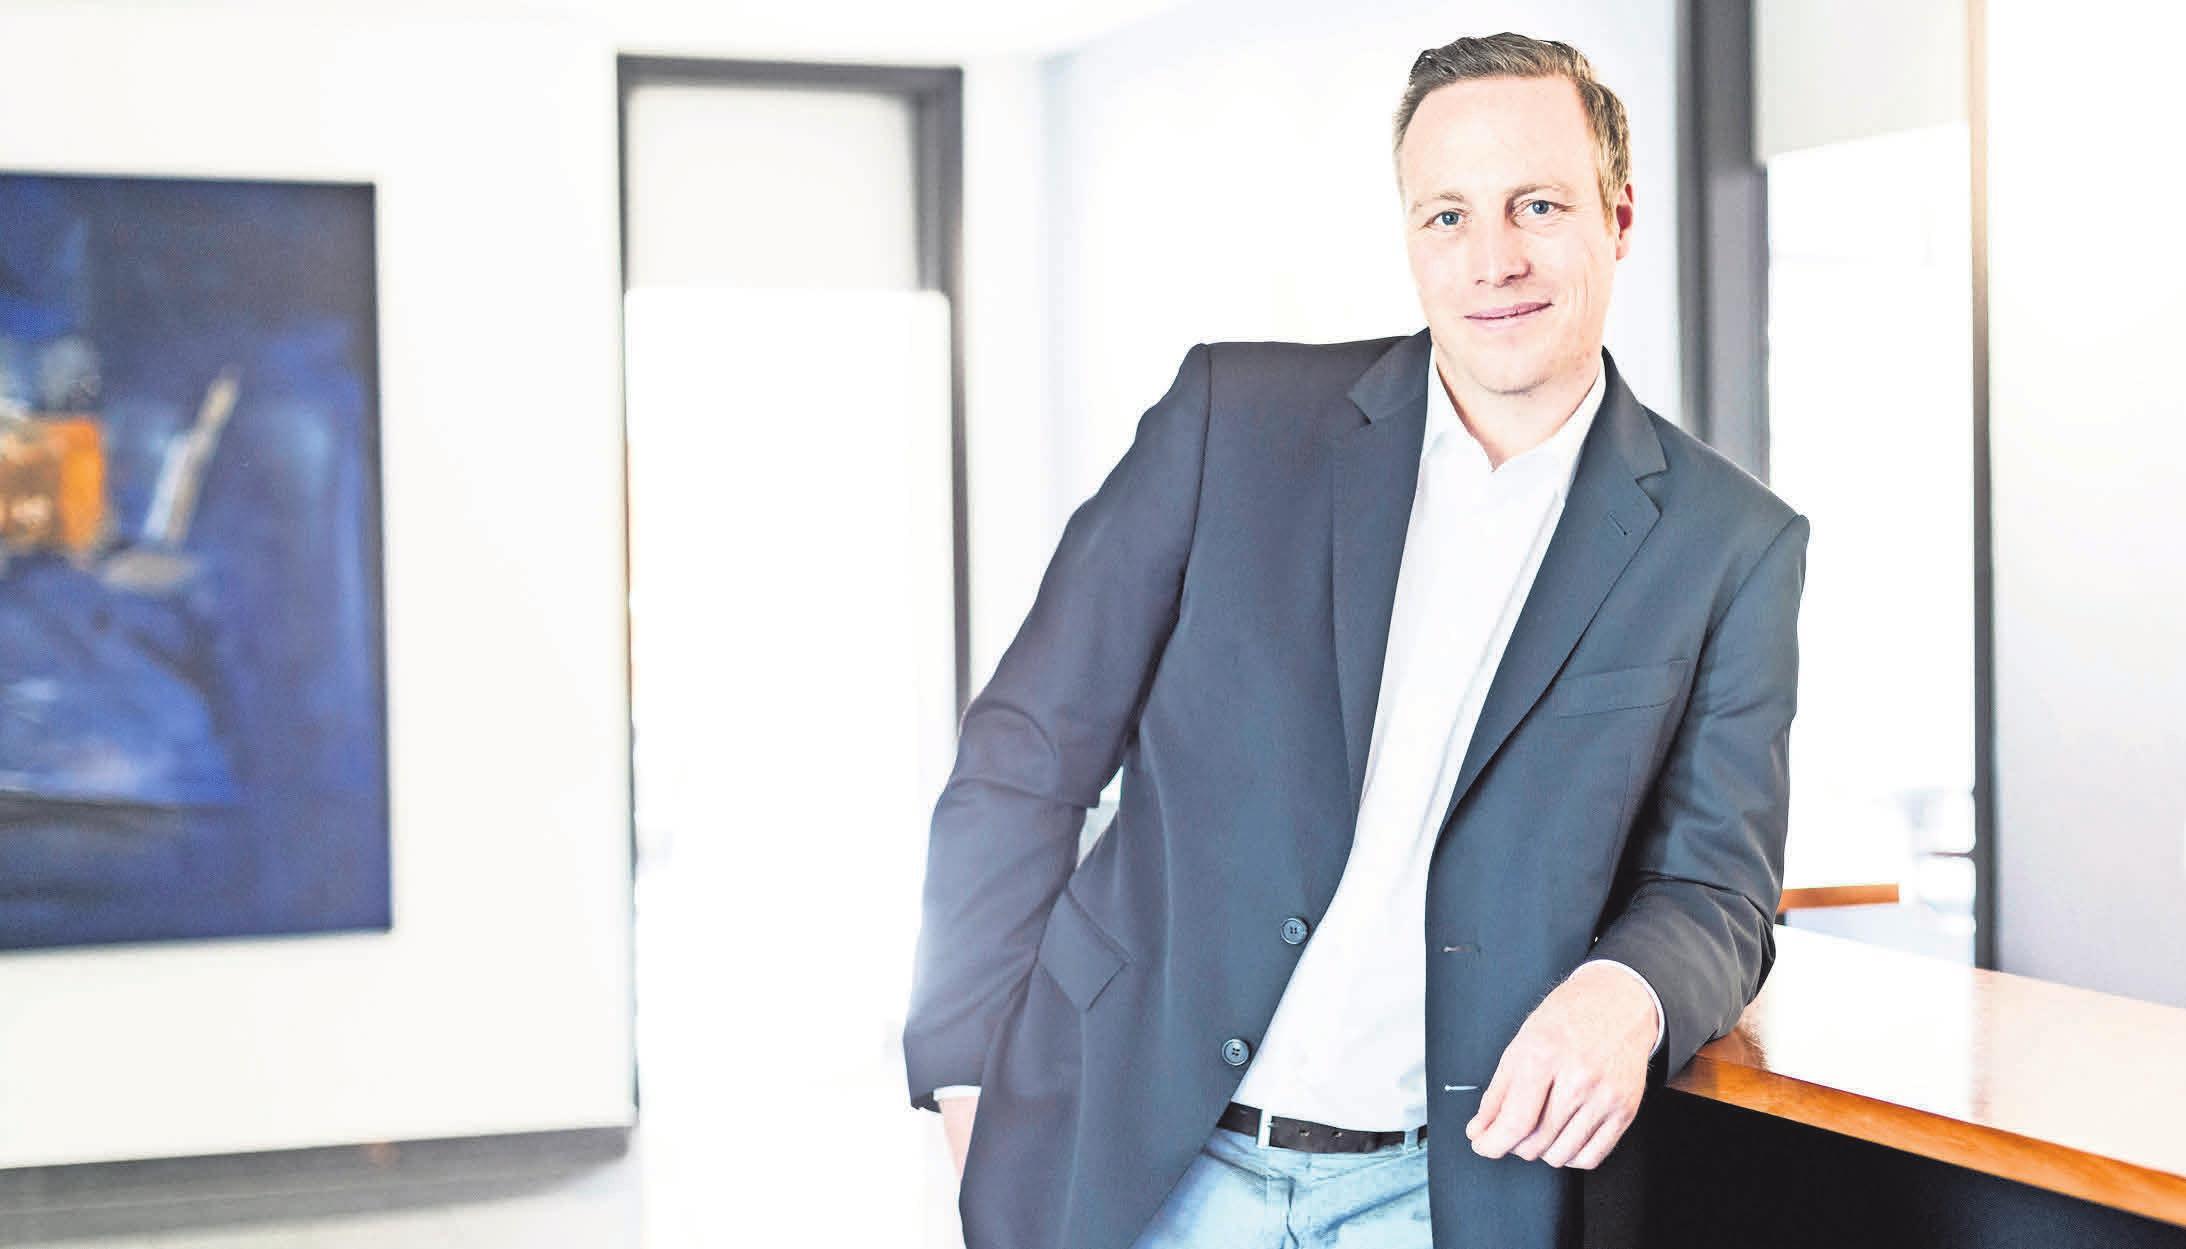 Der Diplom-Kaufmann und Steuerberater Christian Katz gibt Auskunft über diverse Themen in seiner Kanzlei in Isernhagen.